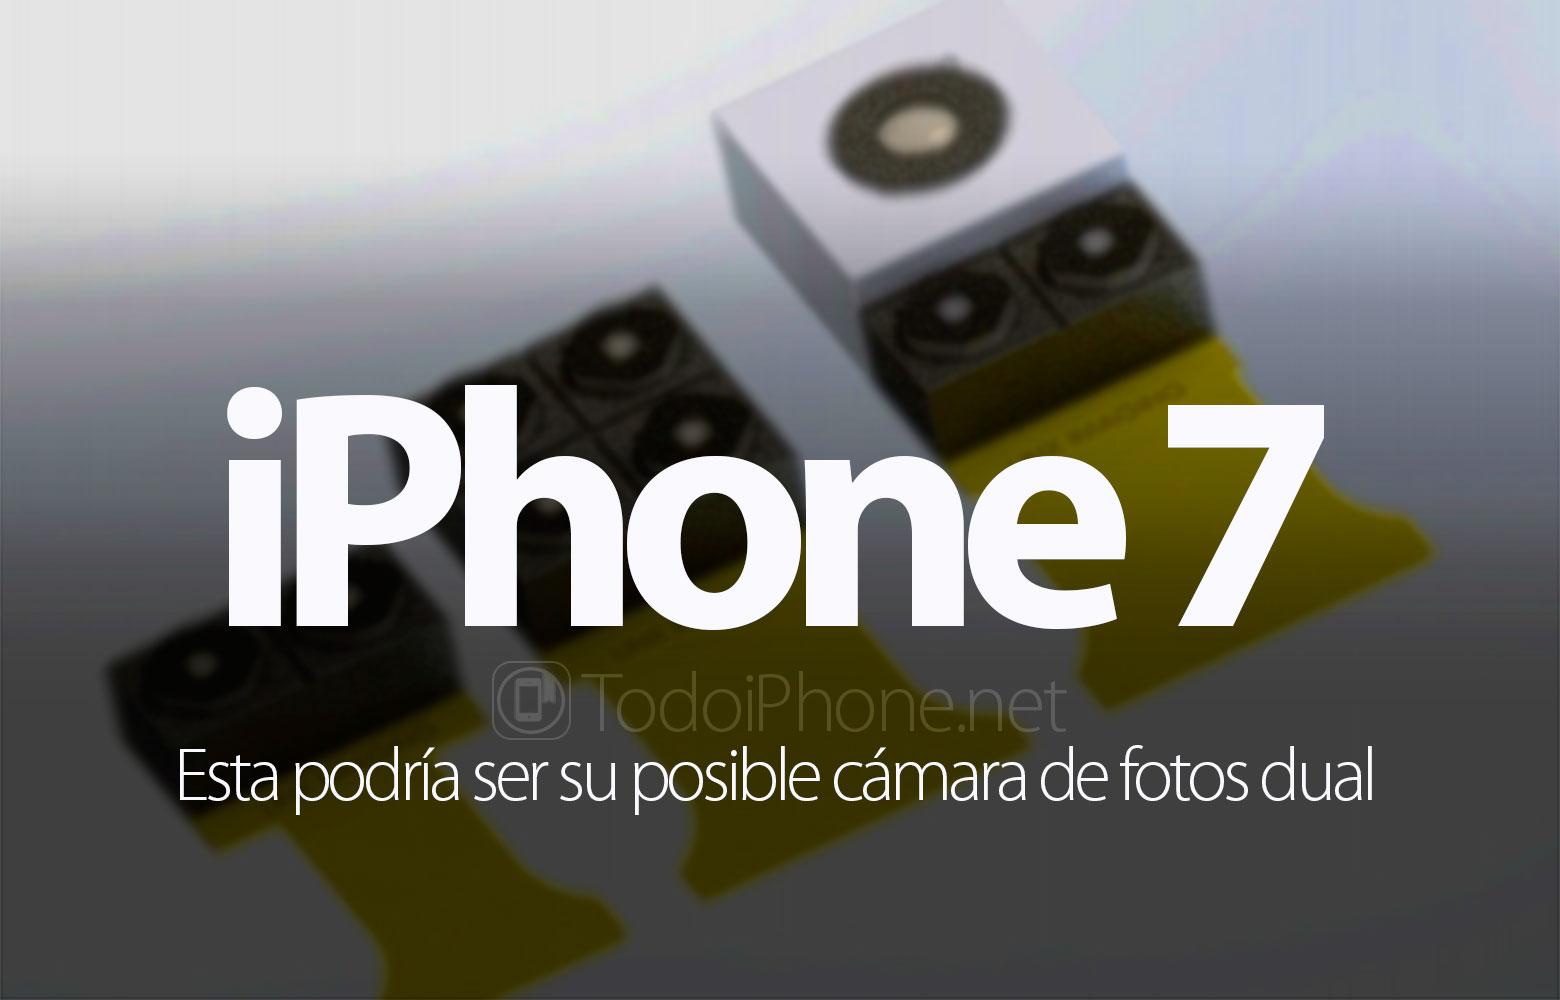 posible-camara-fotos-dual-iphone-7